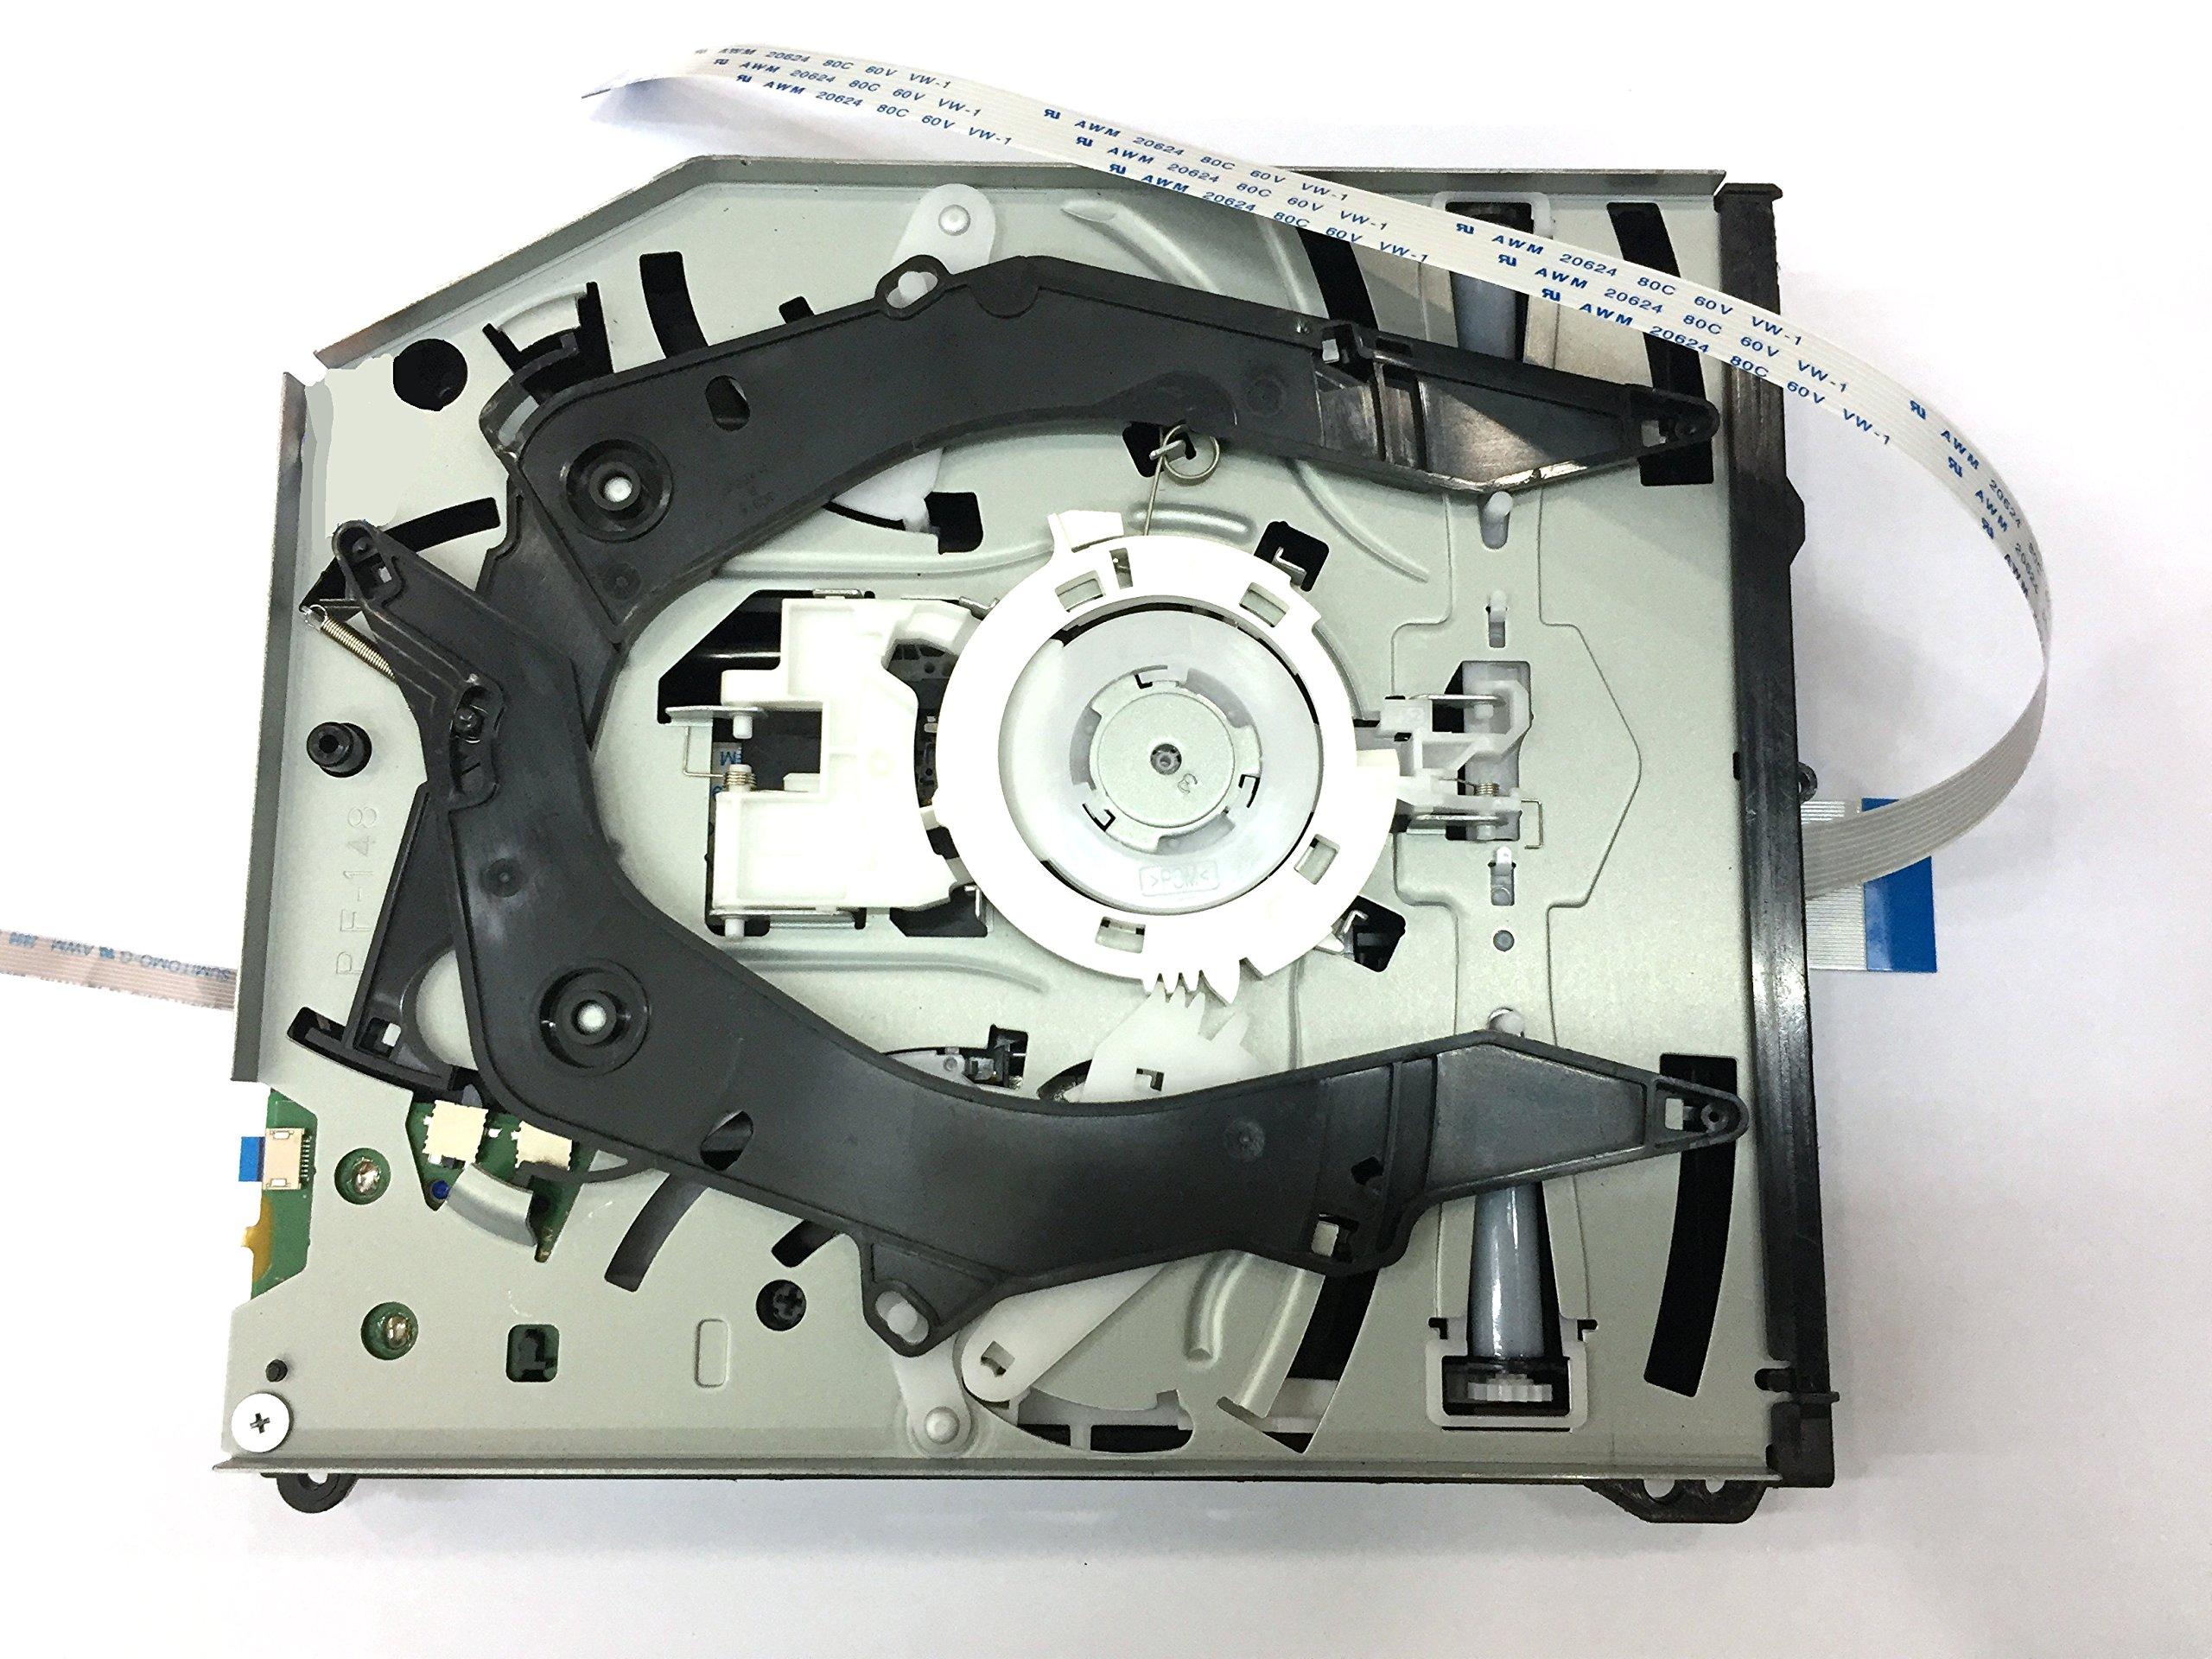 Reemplazo De Laser Para Ps4 Cuh-1215a Cuh-1215b Cuh-12xx